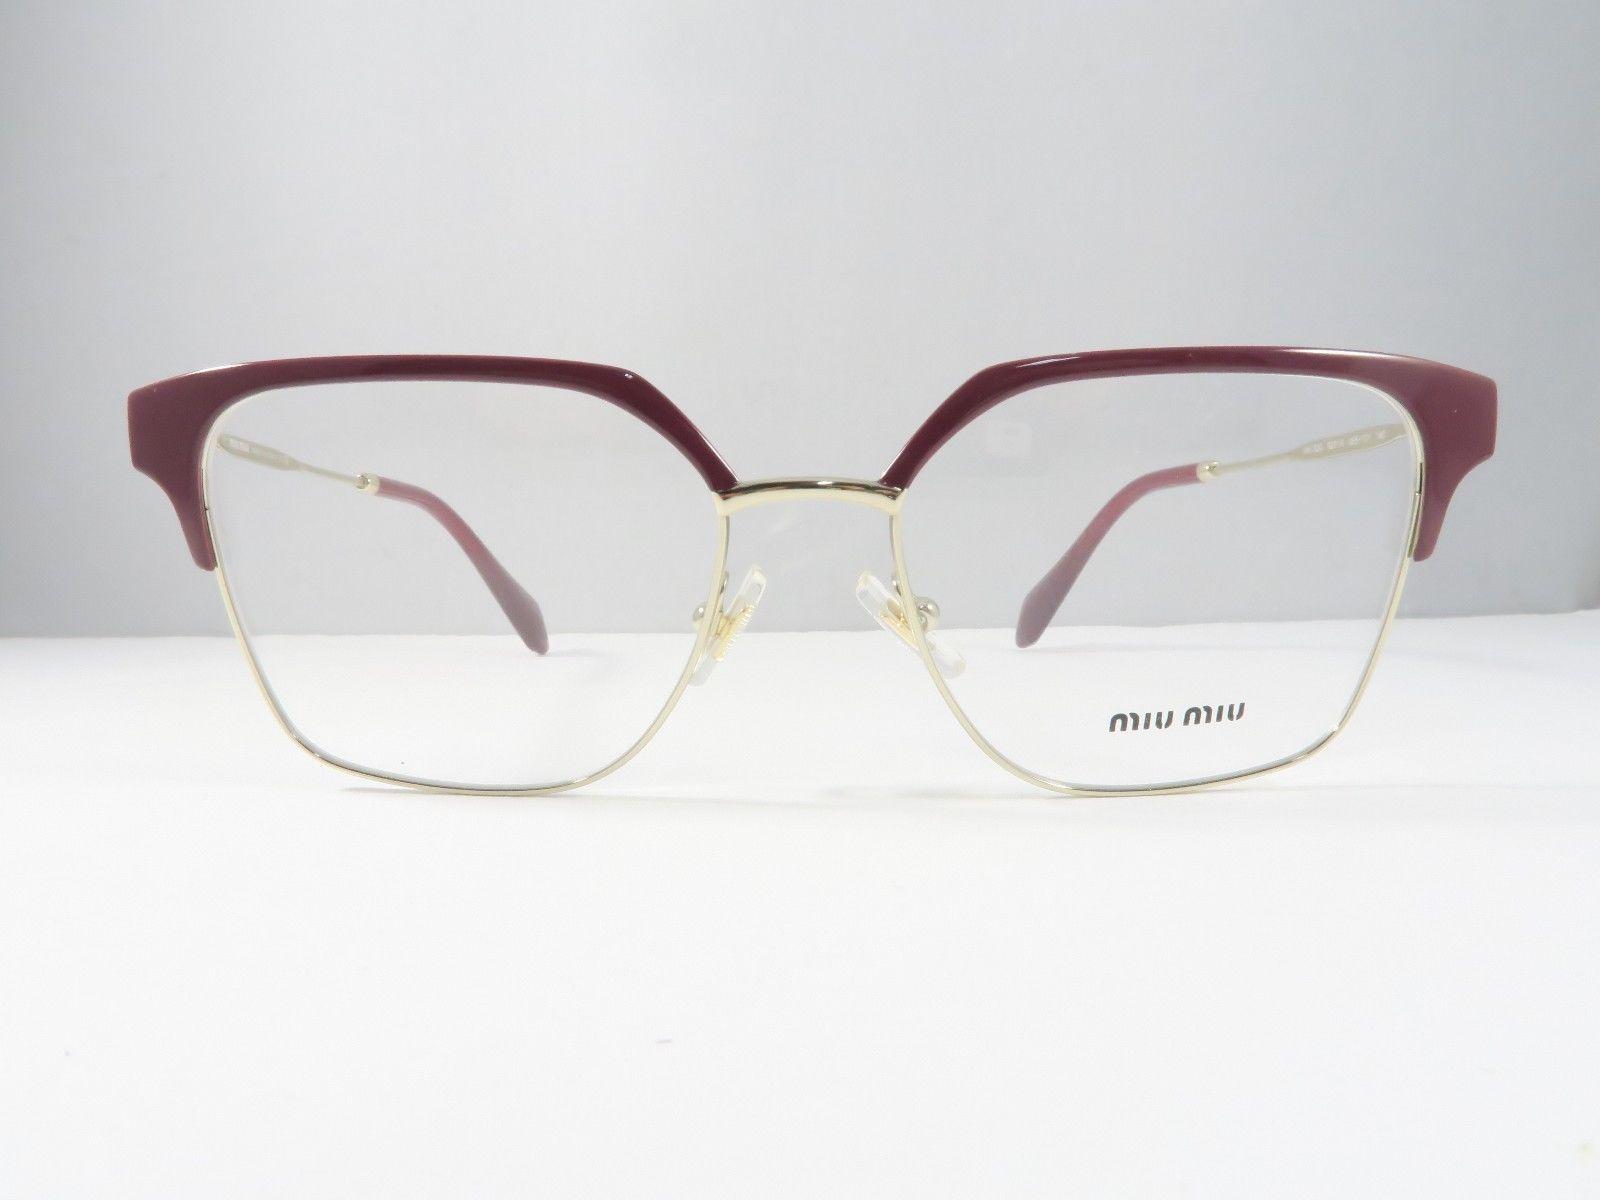 197e7d07f72a Miu Miu VMU 52O UE5-1O1 Shiny Burgundy Gold and 27 similar items